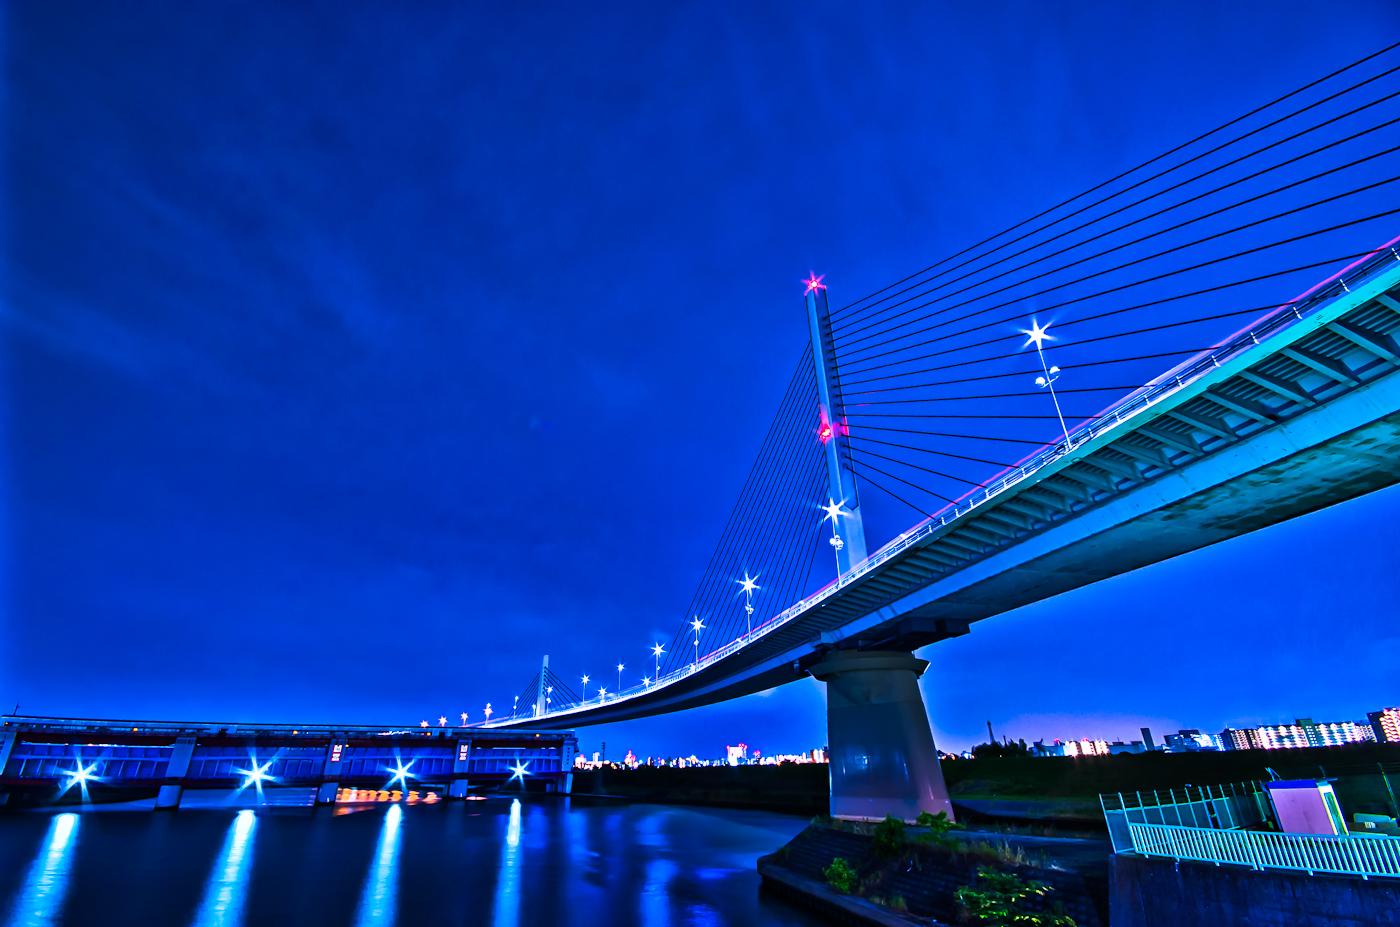 深夜の上平井水門とかつしかハープ橋